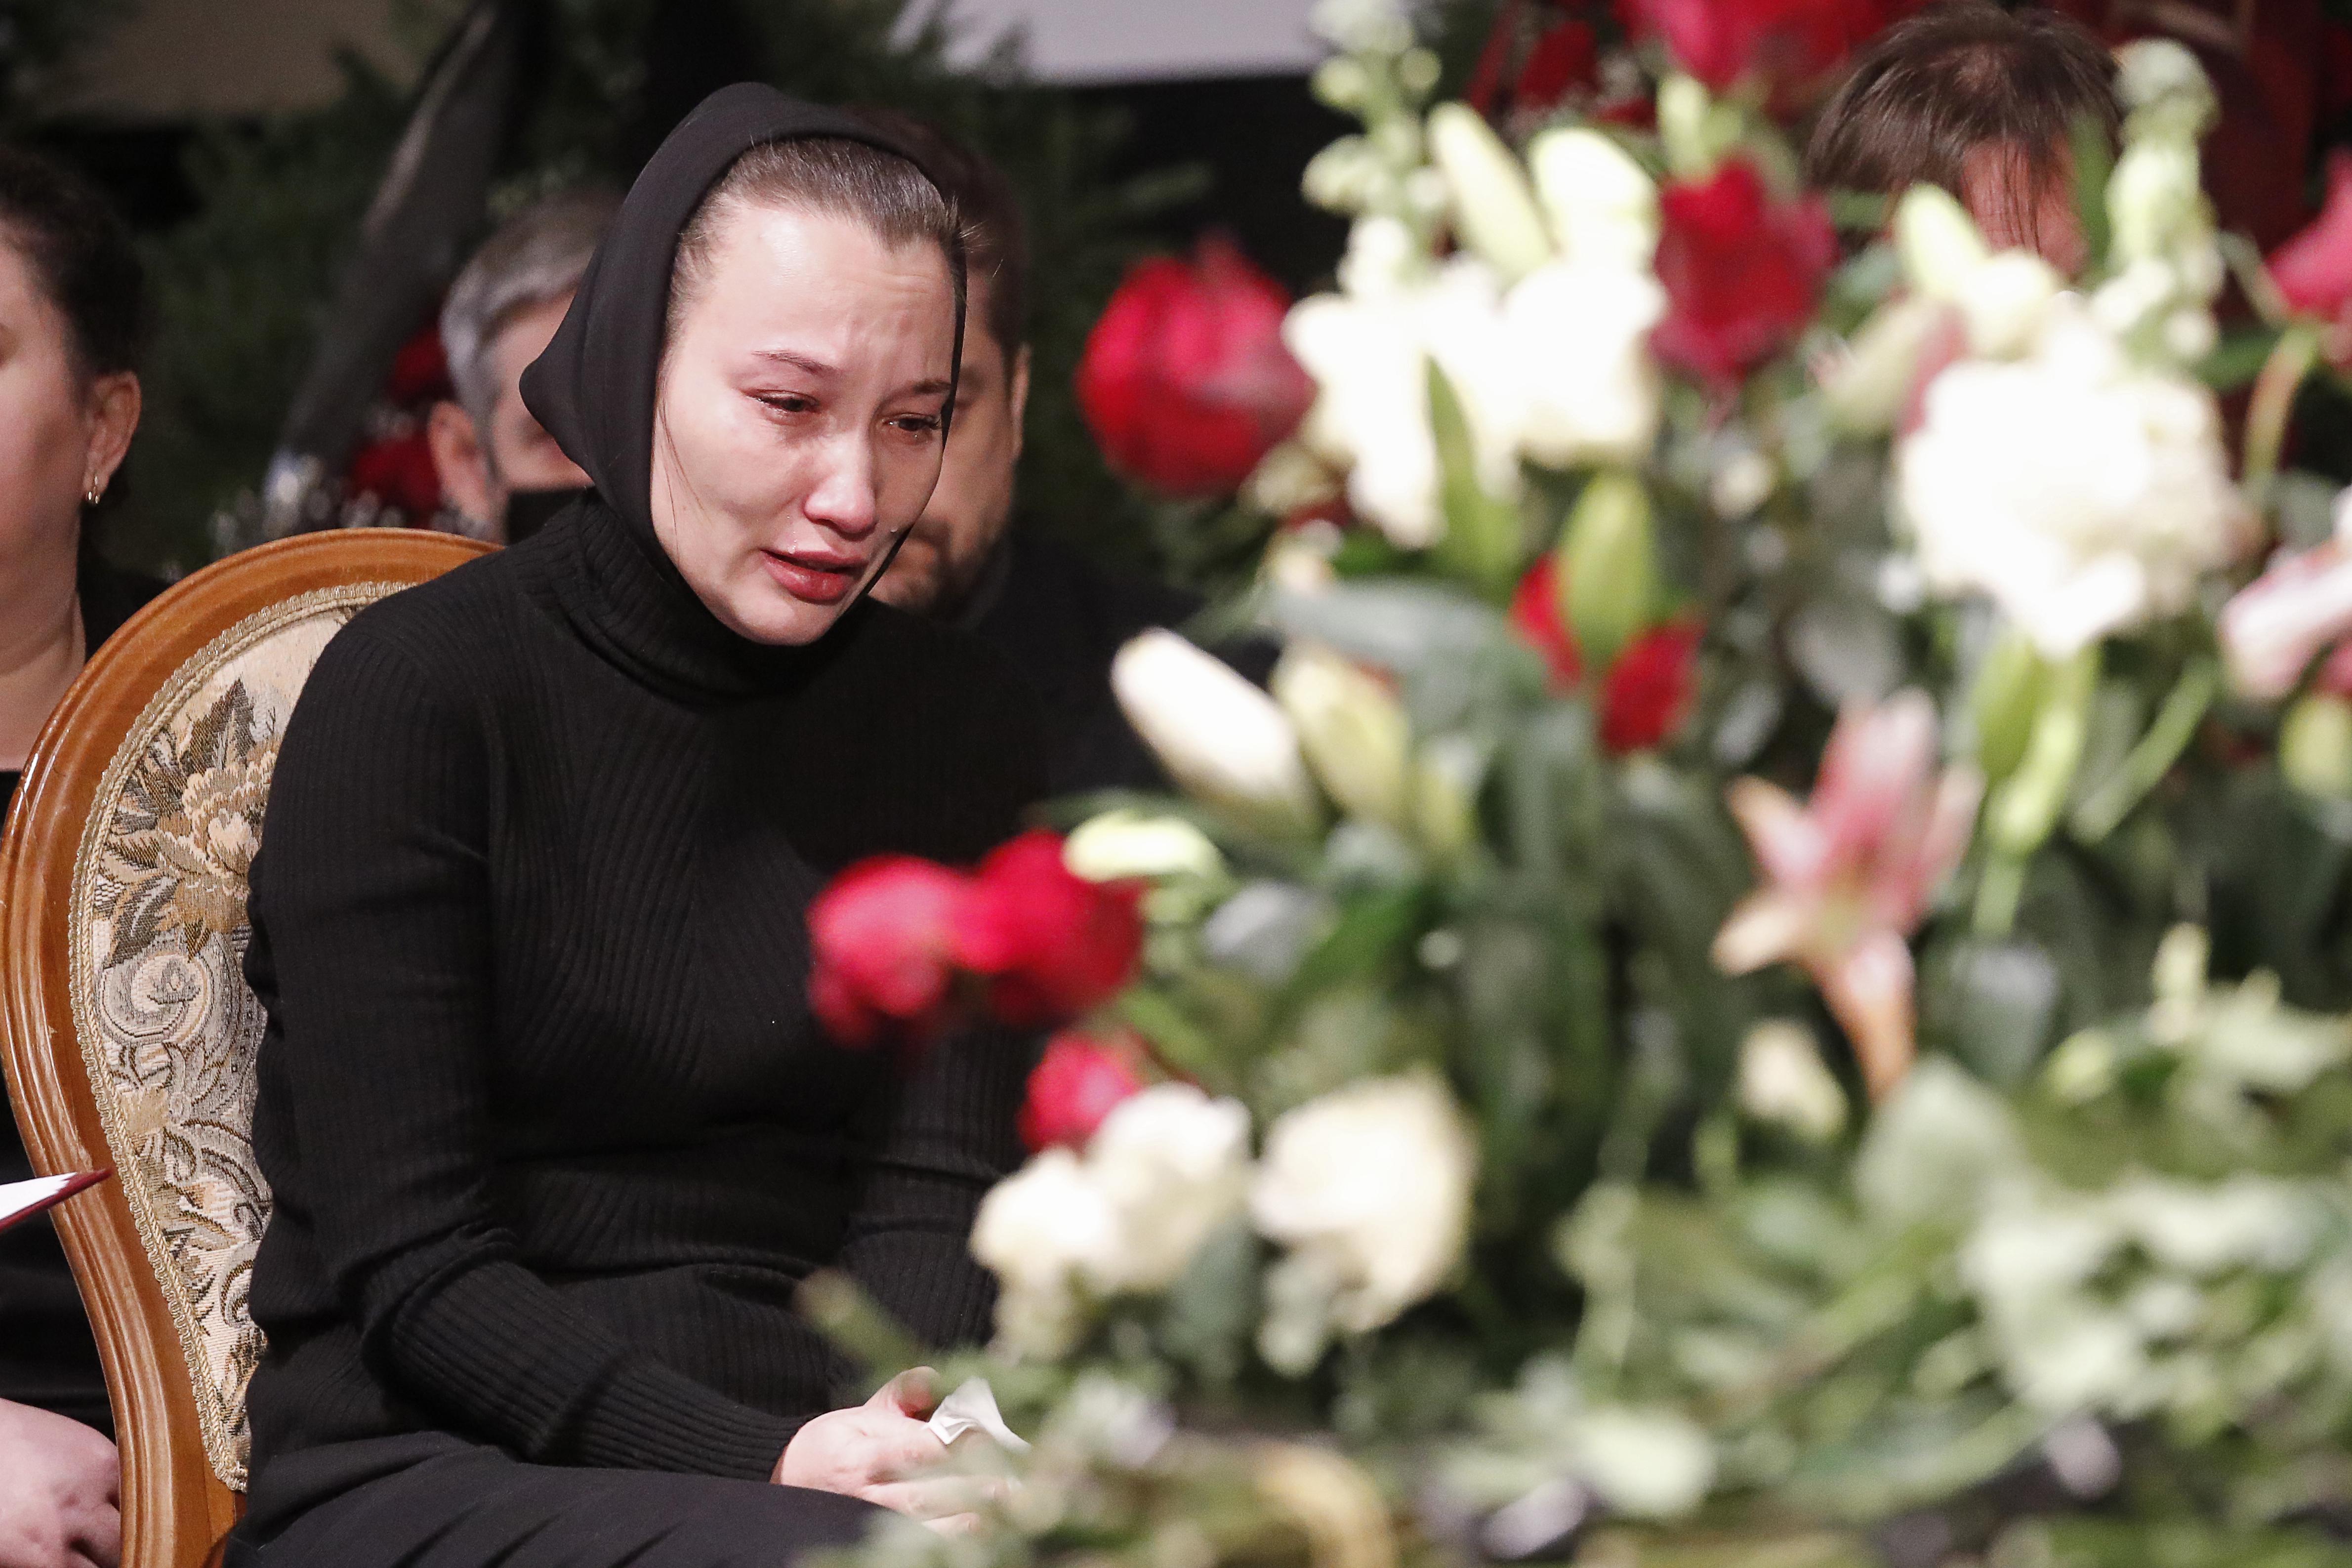 В Доме кино проходит прощание с создателем «Ералаша». Фото: Артем Геодакян/ТАСС